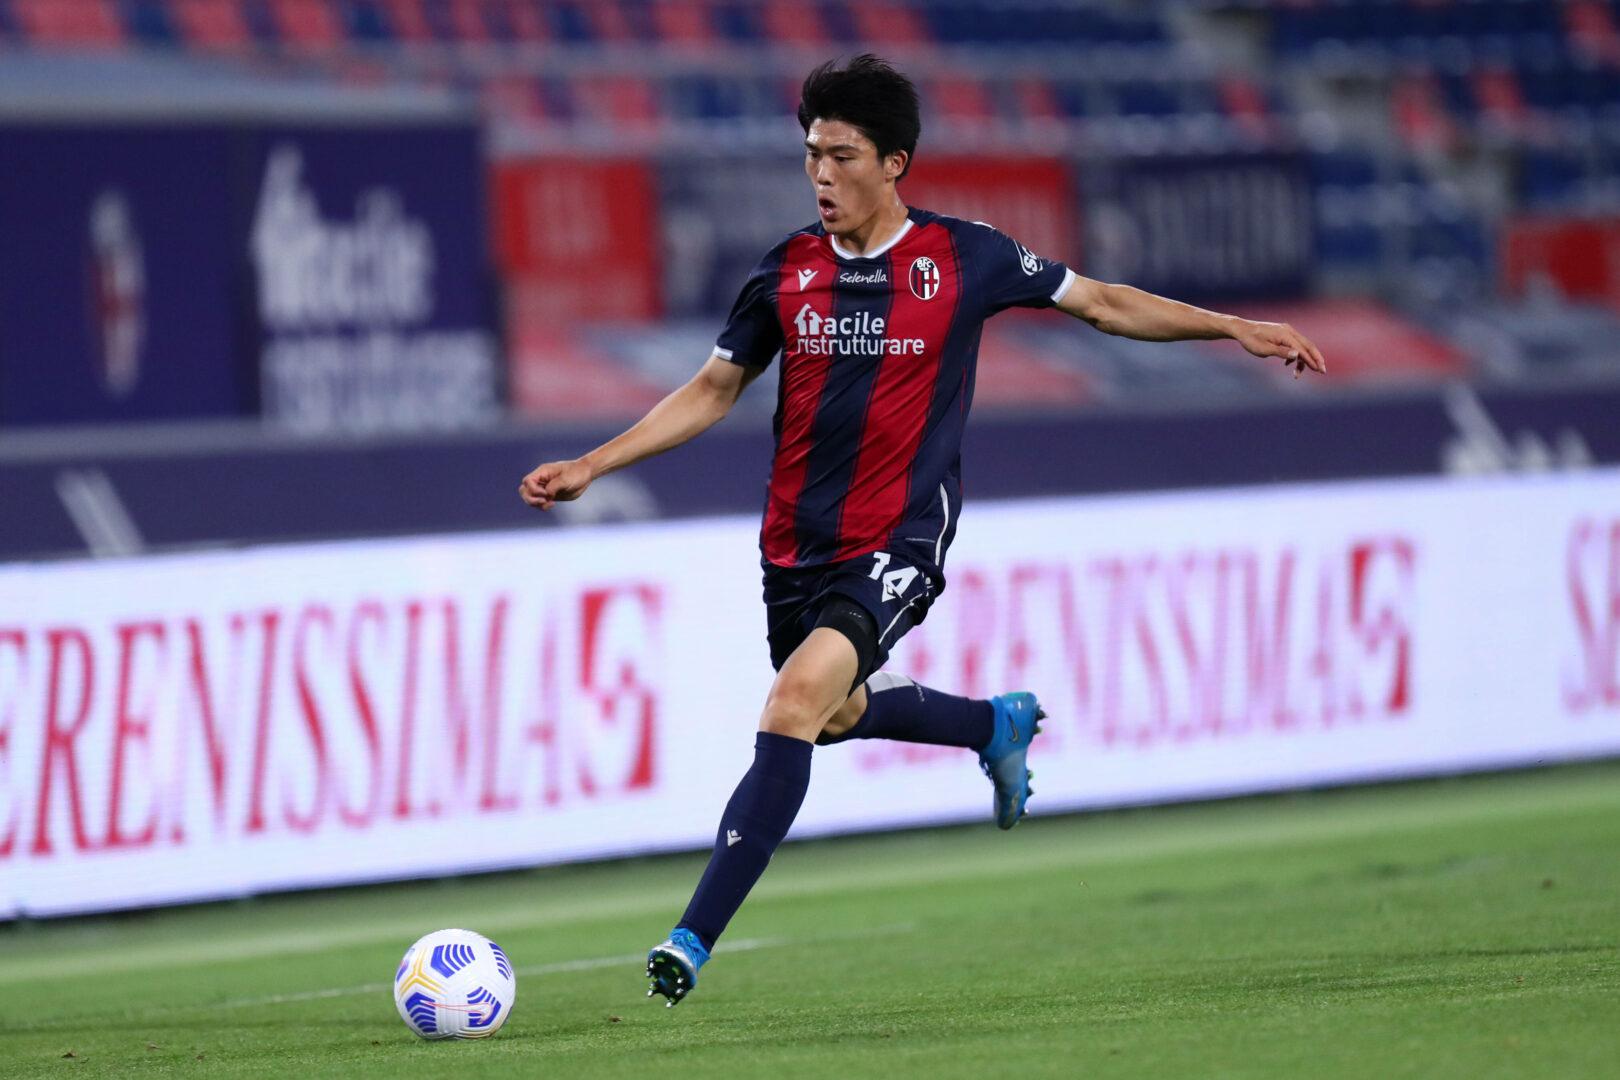 Takehiro Tomiyasu von Bologna - auf dem Weg zu Arsenal?